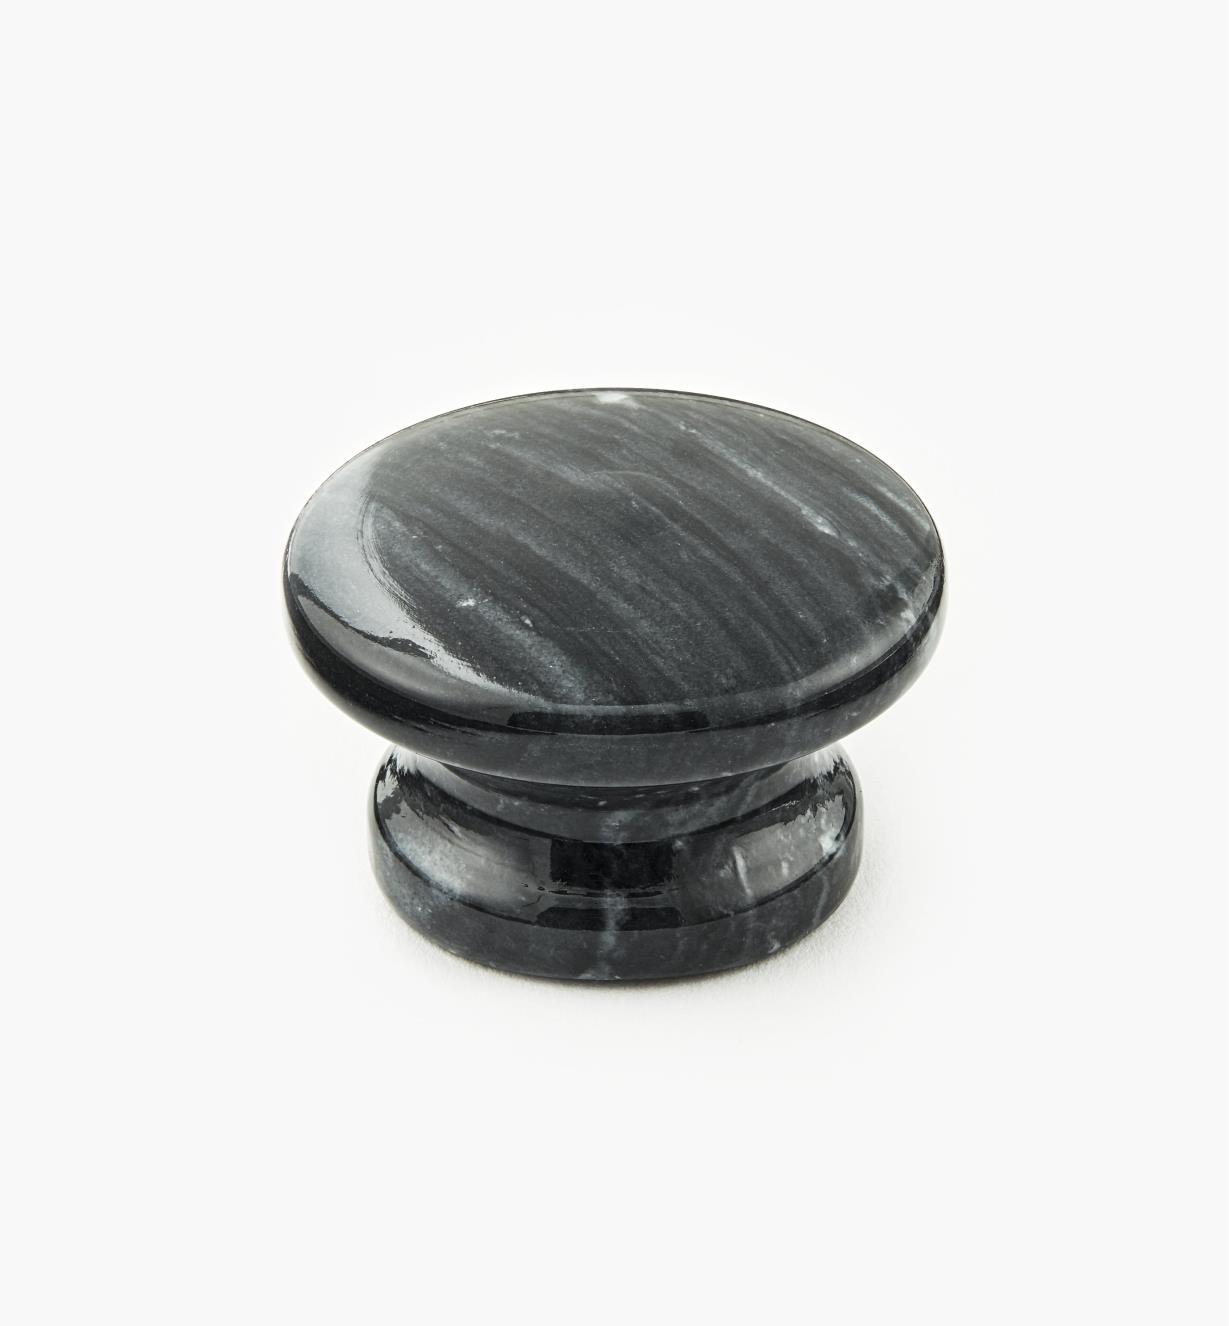 00W4033 - Black Marble Knob, 40mm x 25mm